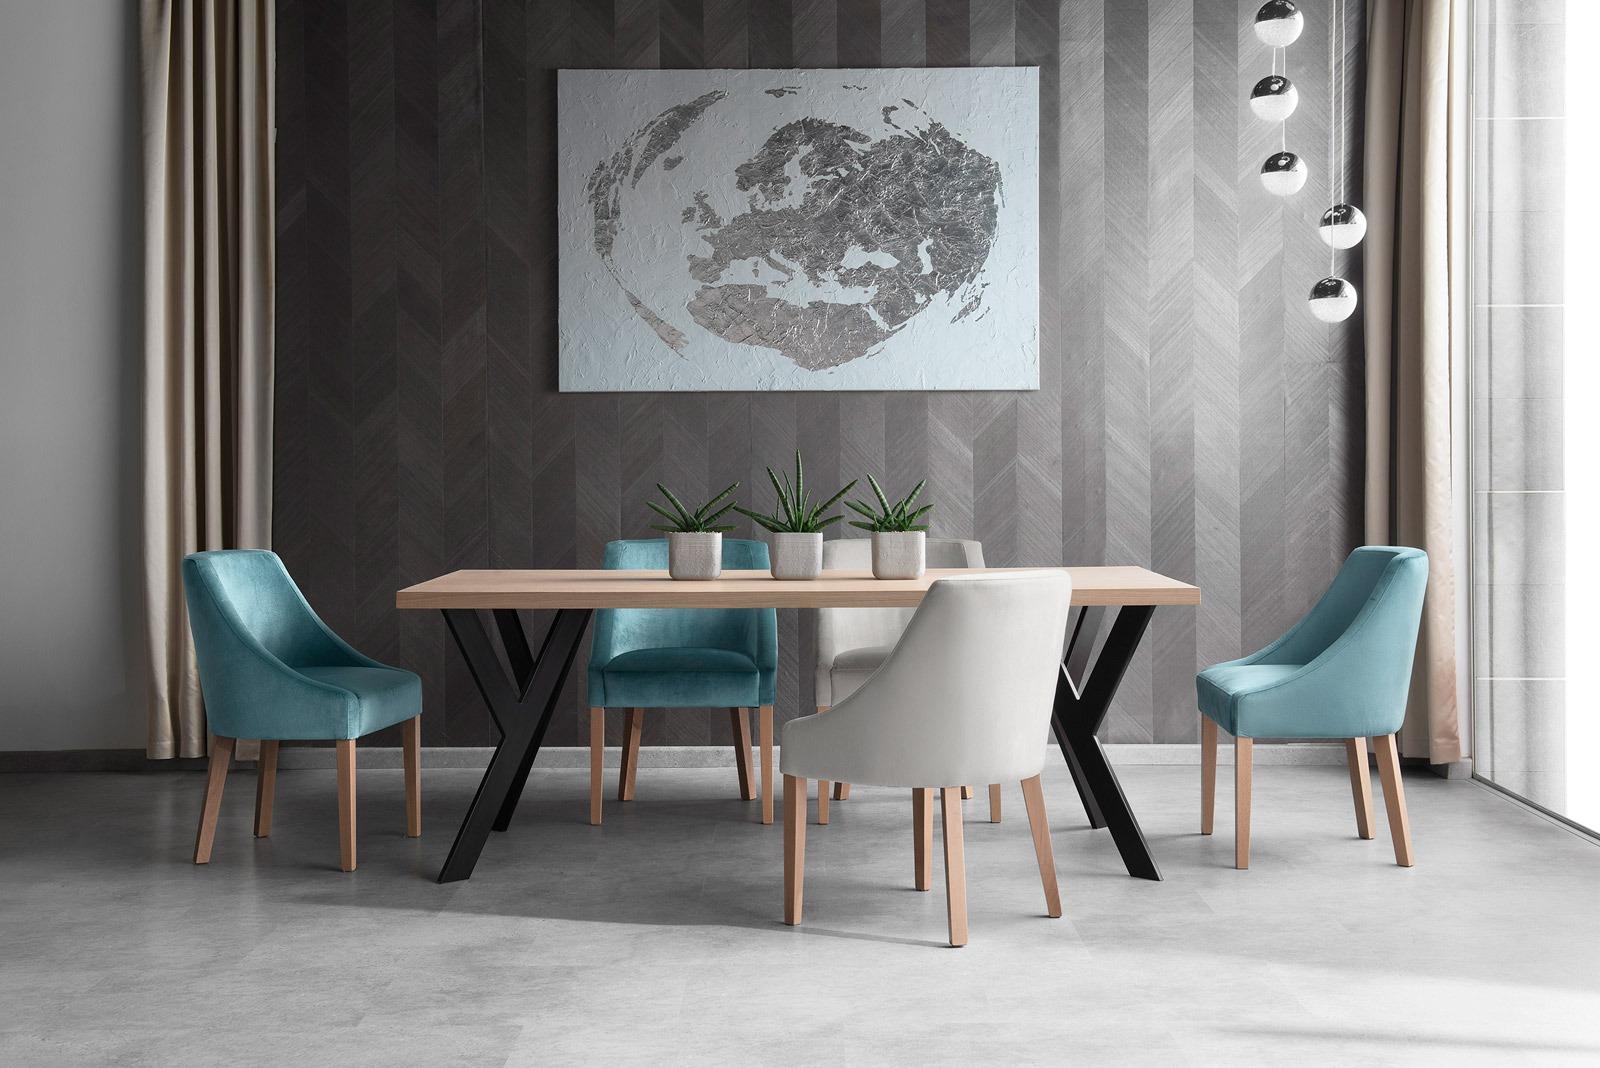 Fargo asztal Zanzibár székkel - Asztal-szék-bárszék? A Rio Design áruházban megtalálja!